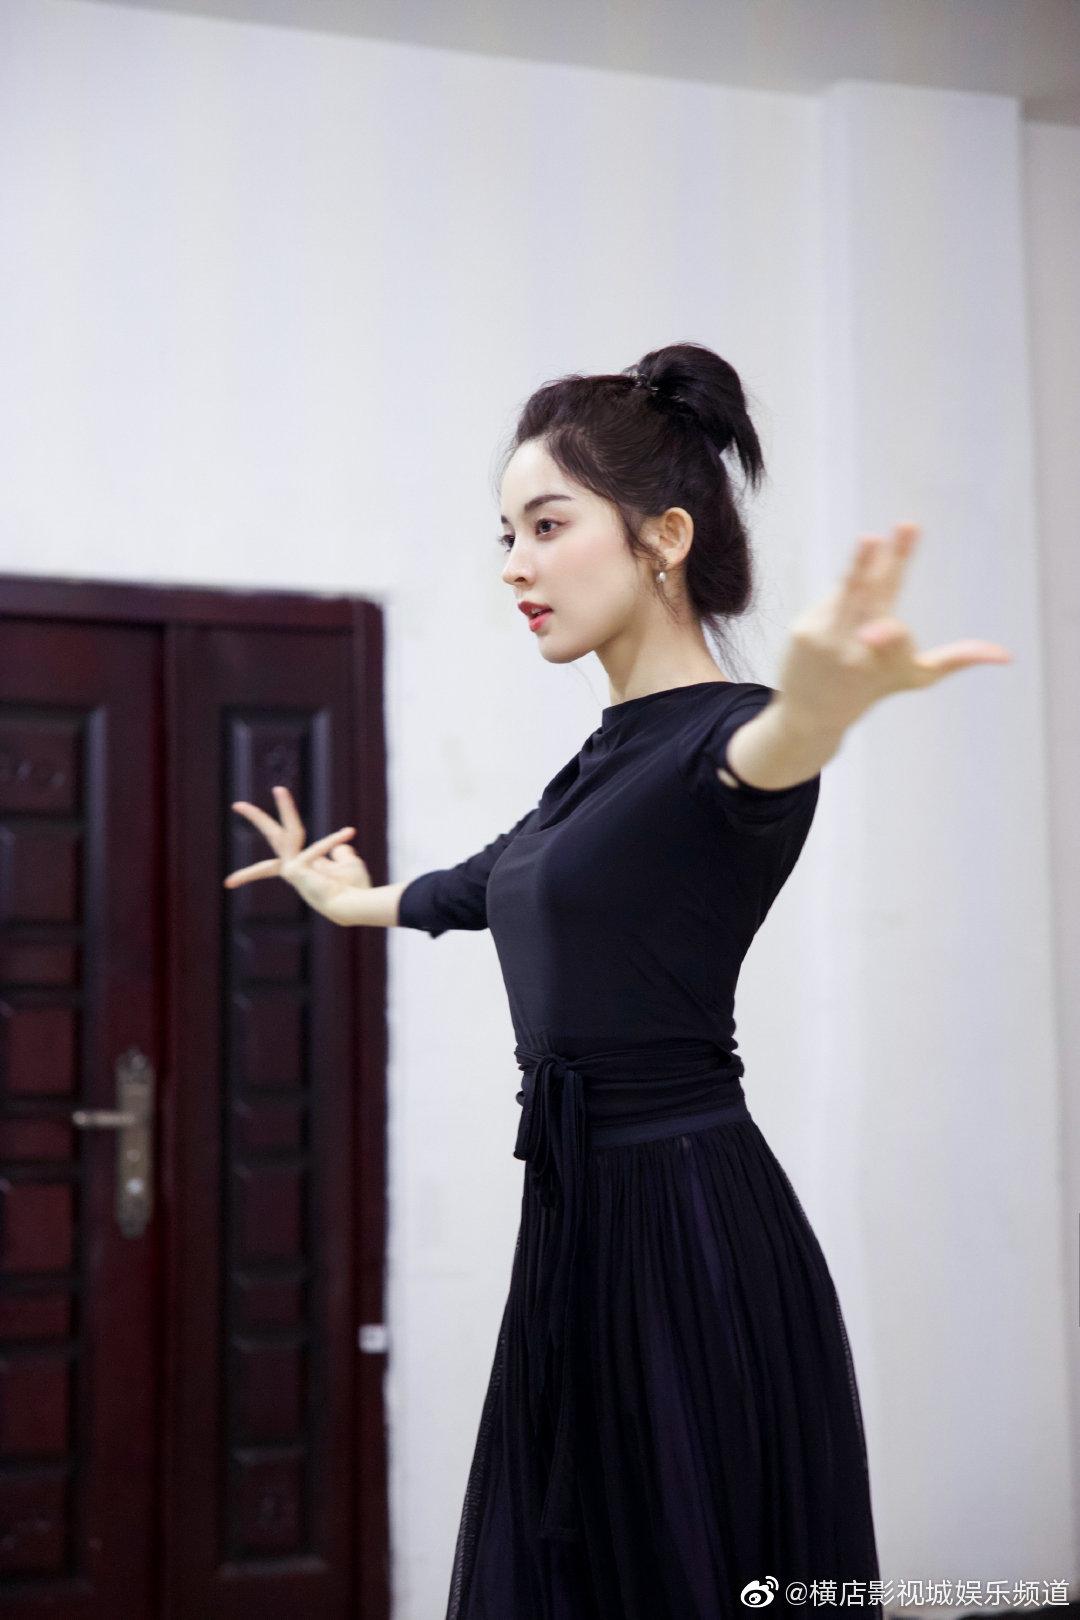 电视剧《大唐明月》正在 热拍,@我是娜扎 为新剧练习舞蹈